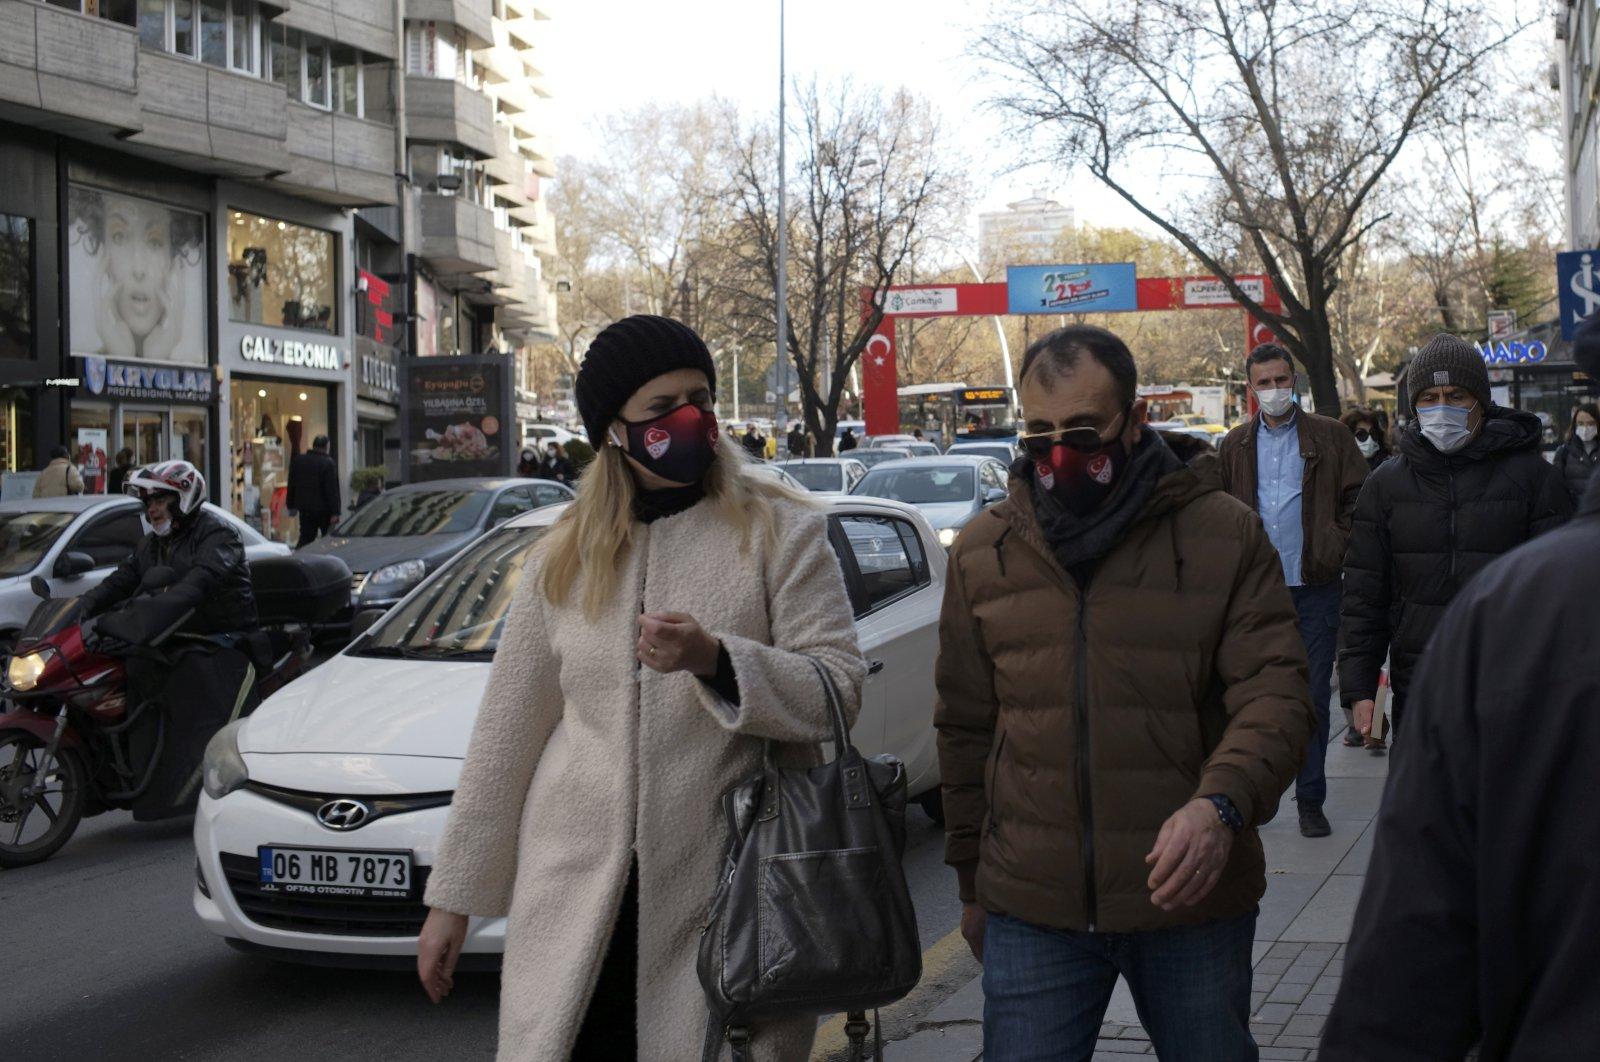 People wearing masks walk along a street hours before a two-day weekend lockdown, in Ankara, Turkey, Dec. 25, 2020. (AP Photo)